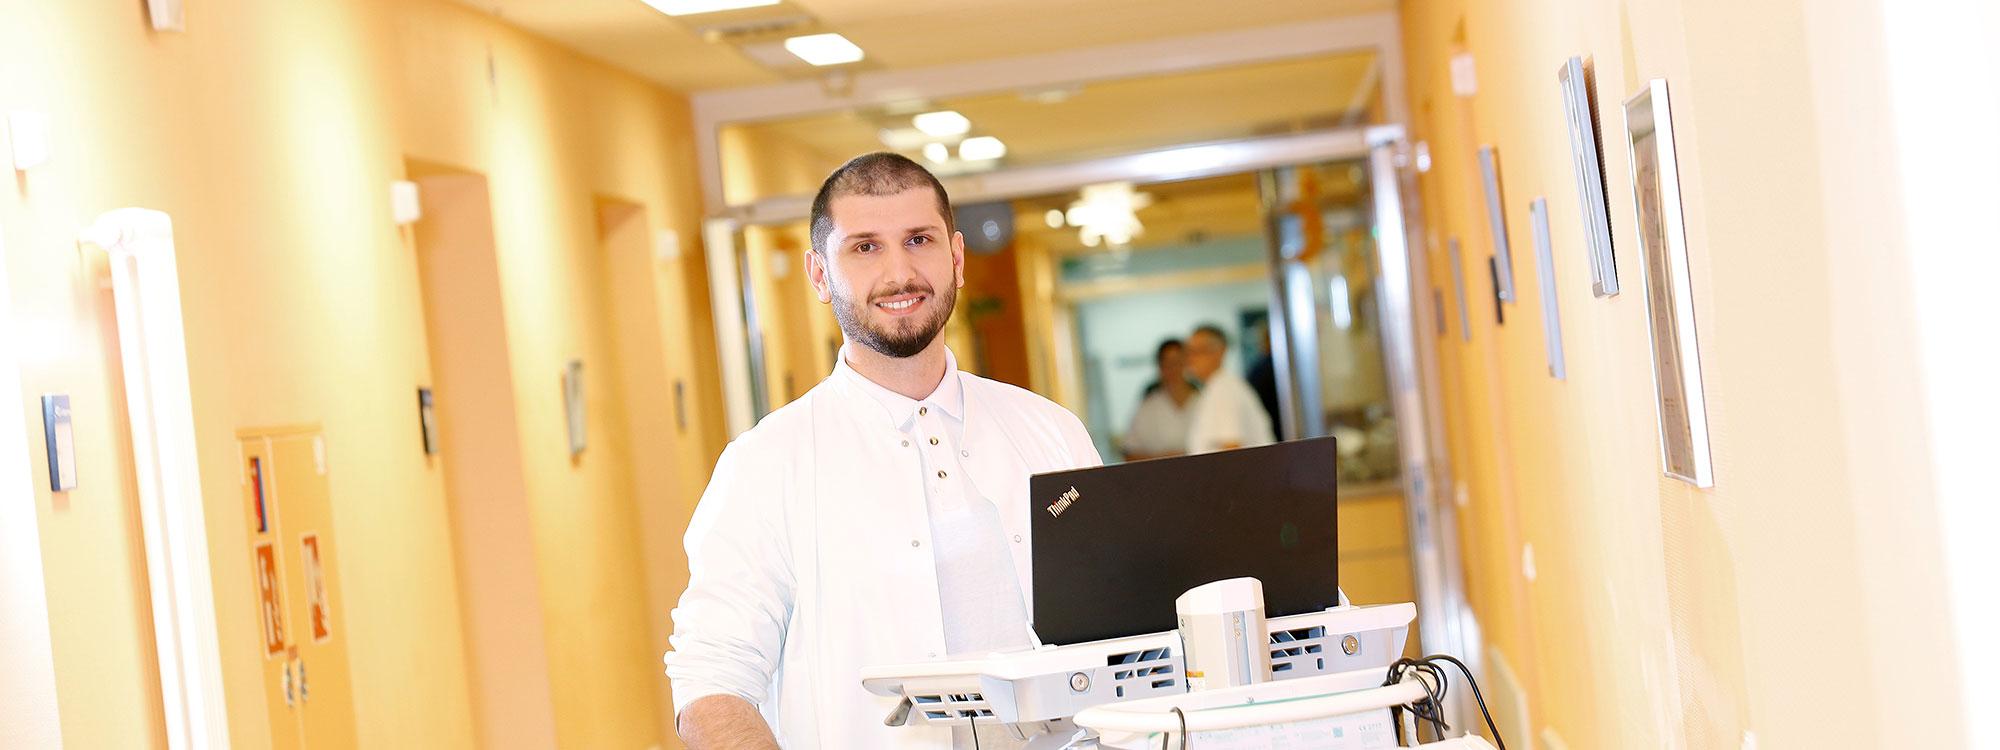 Karriere bei LICHTENAU e.V. - junger Mann in Facharztausbildung